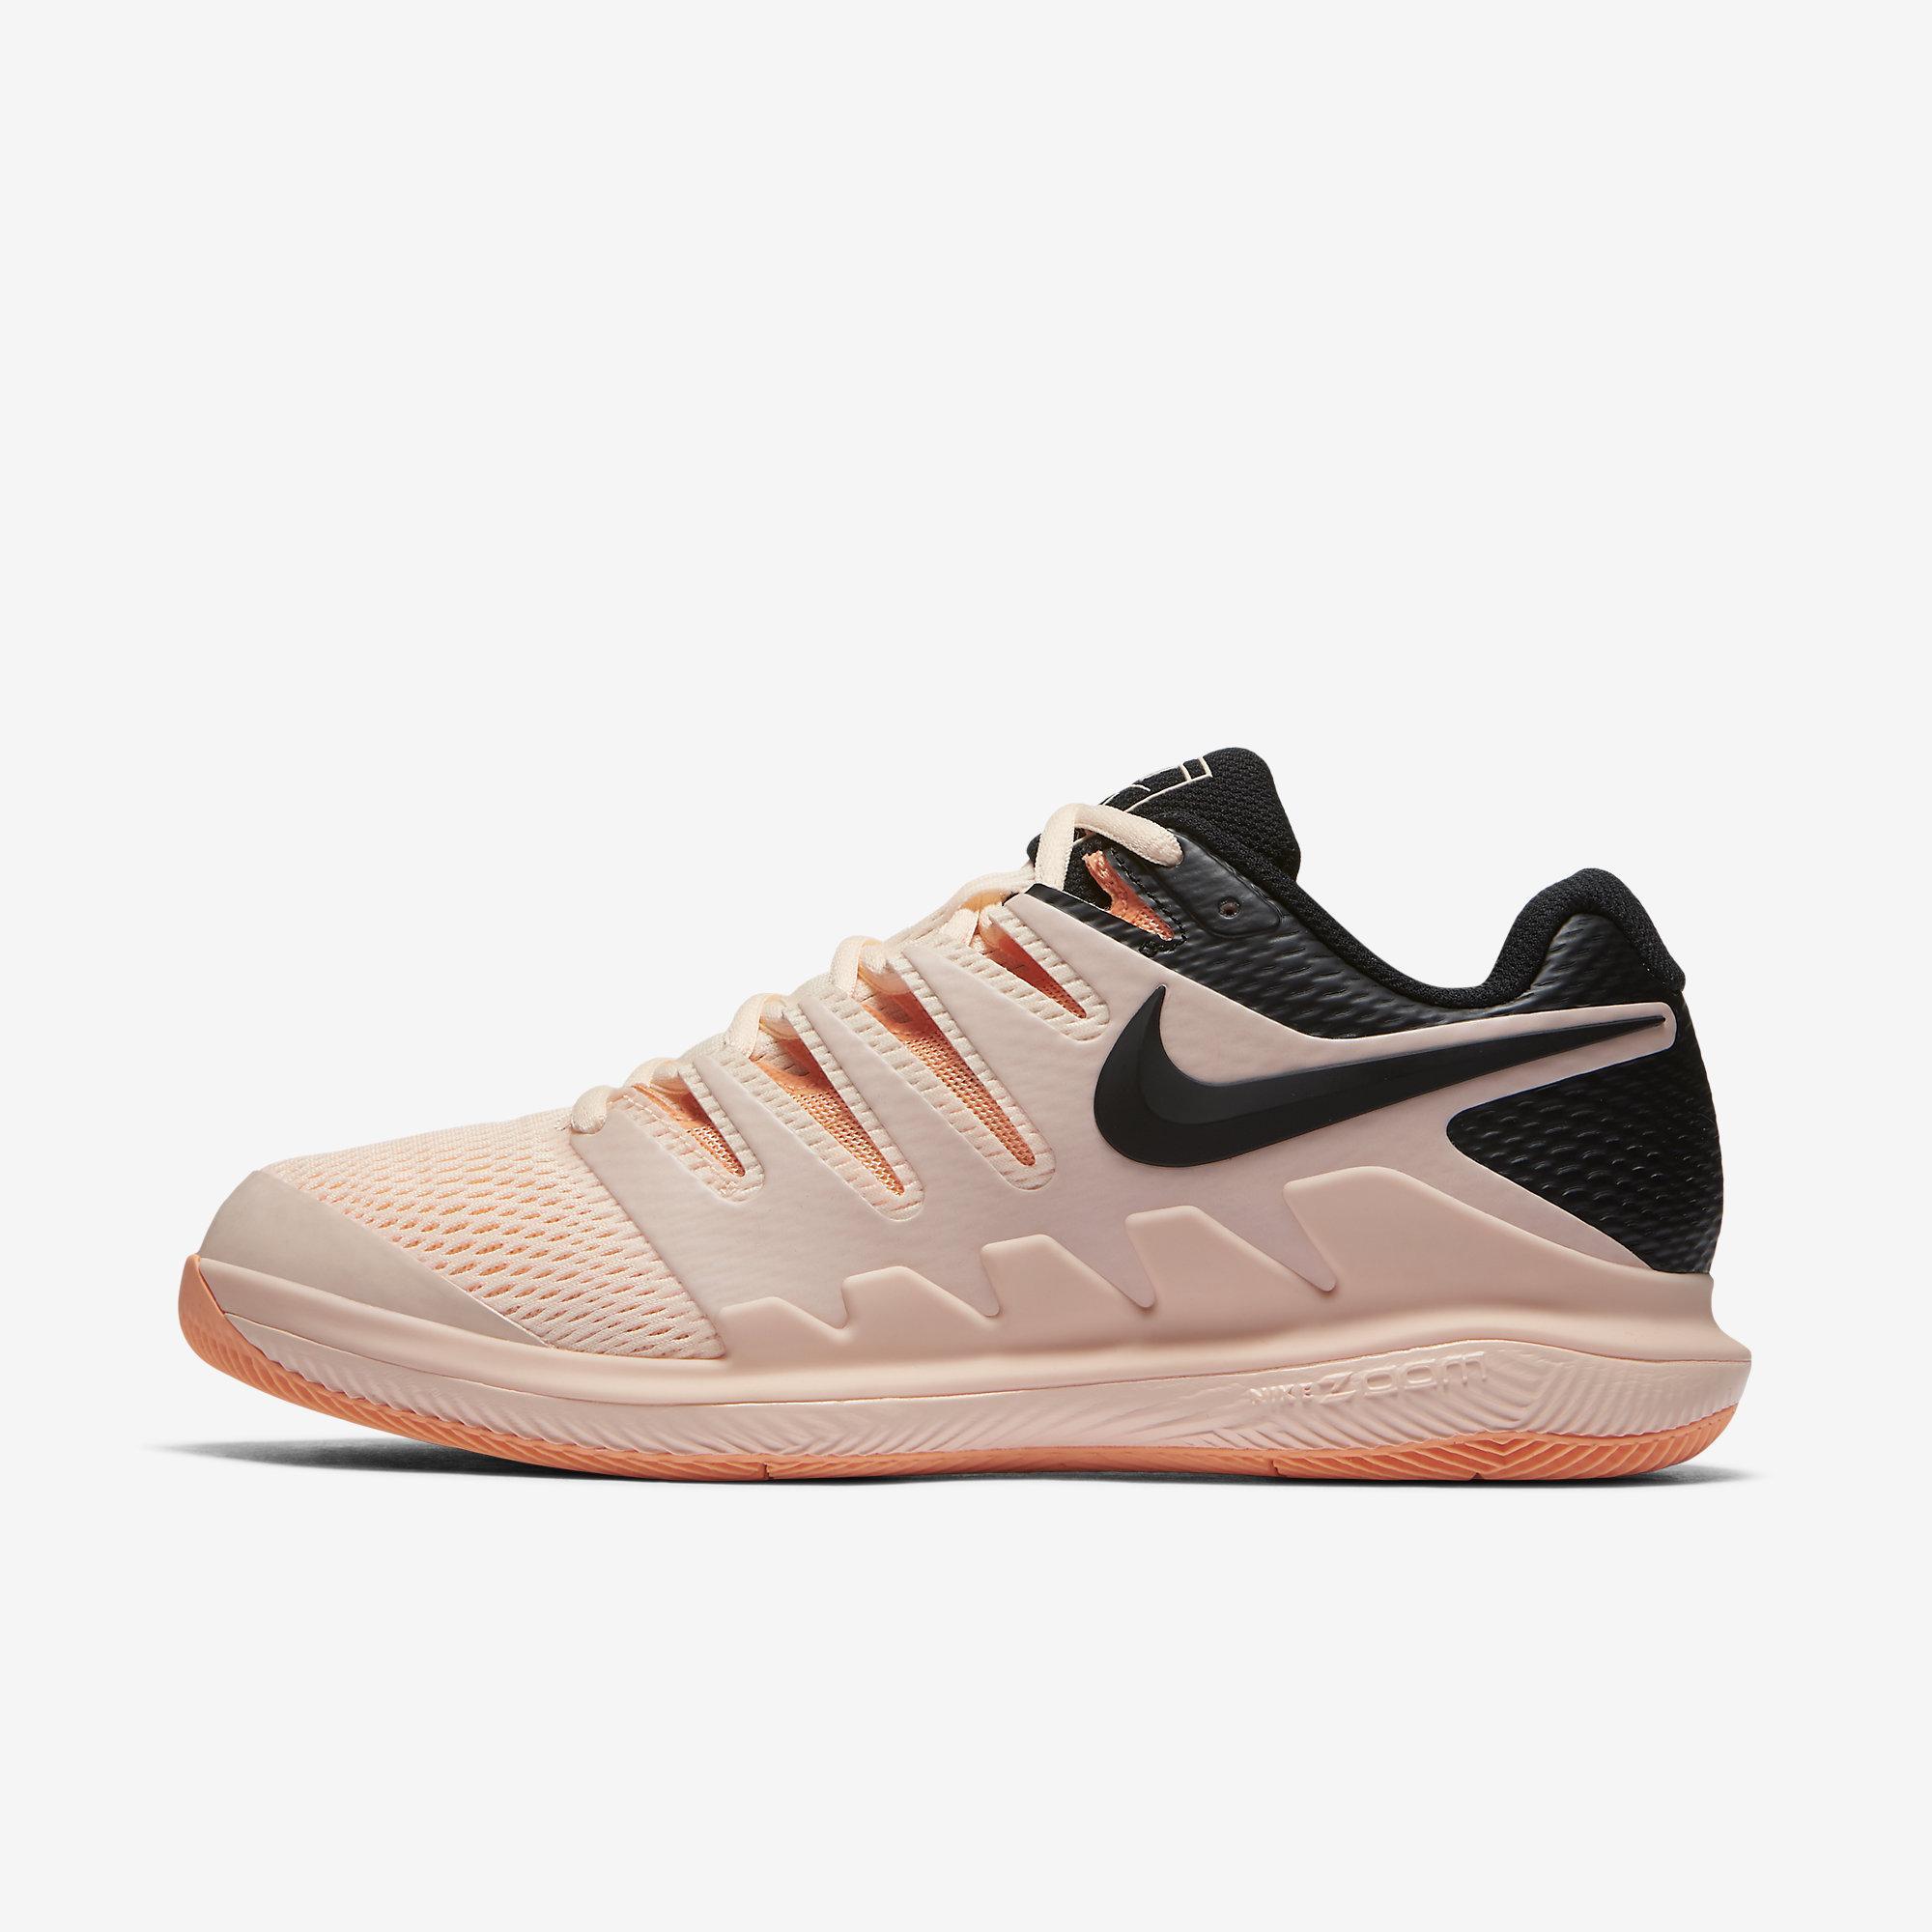 919e617322bed Nike Womens Air Zoom Vapor X Tennis Shoes - Crimson Tint - Tennisnuts.com